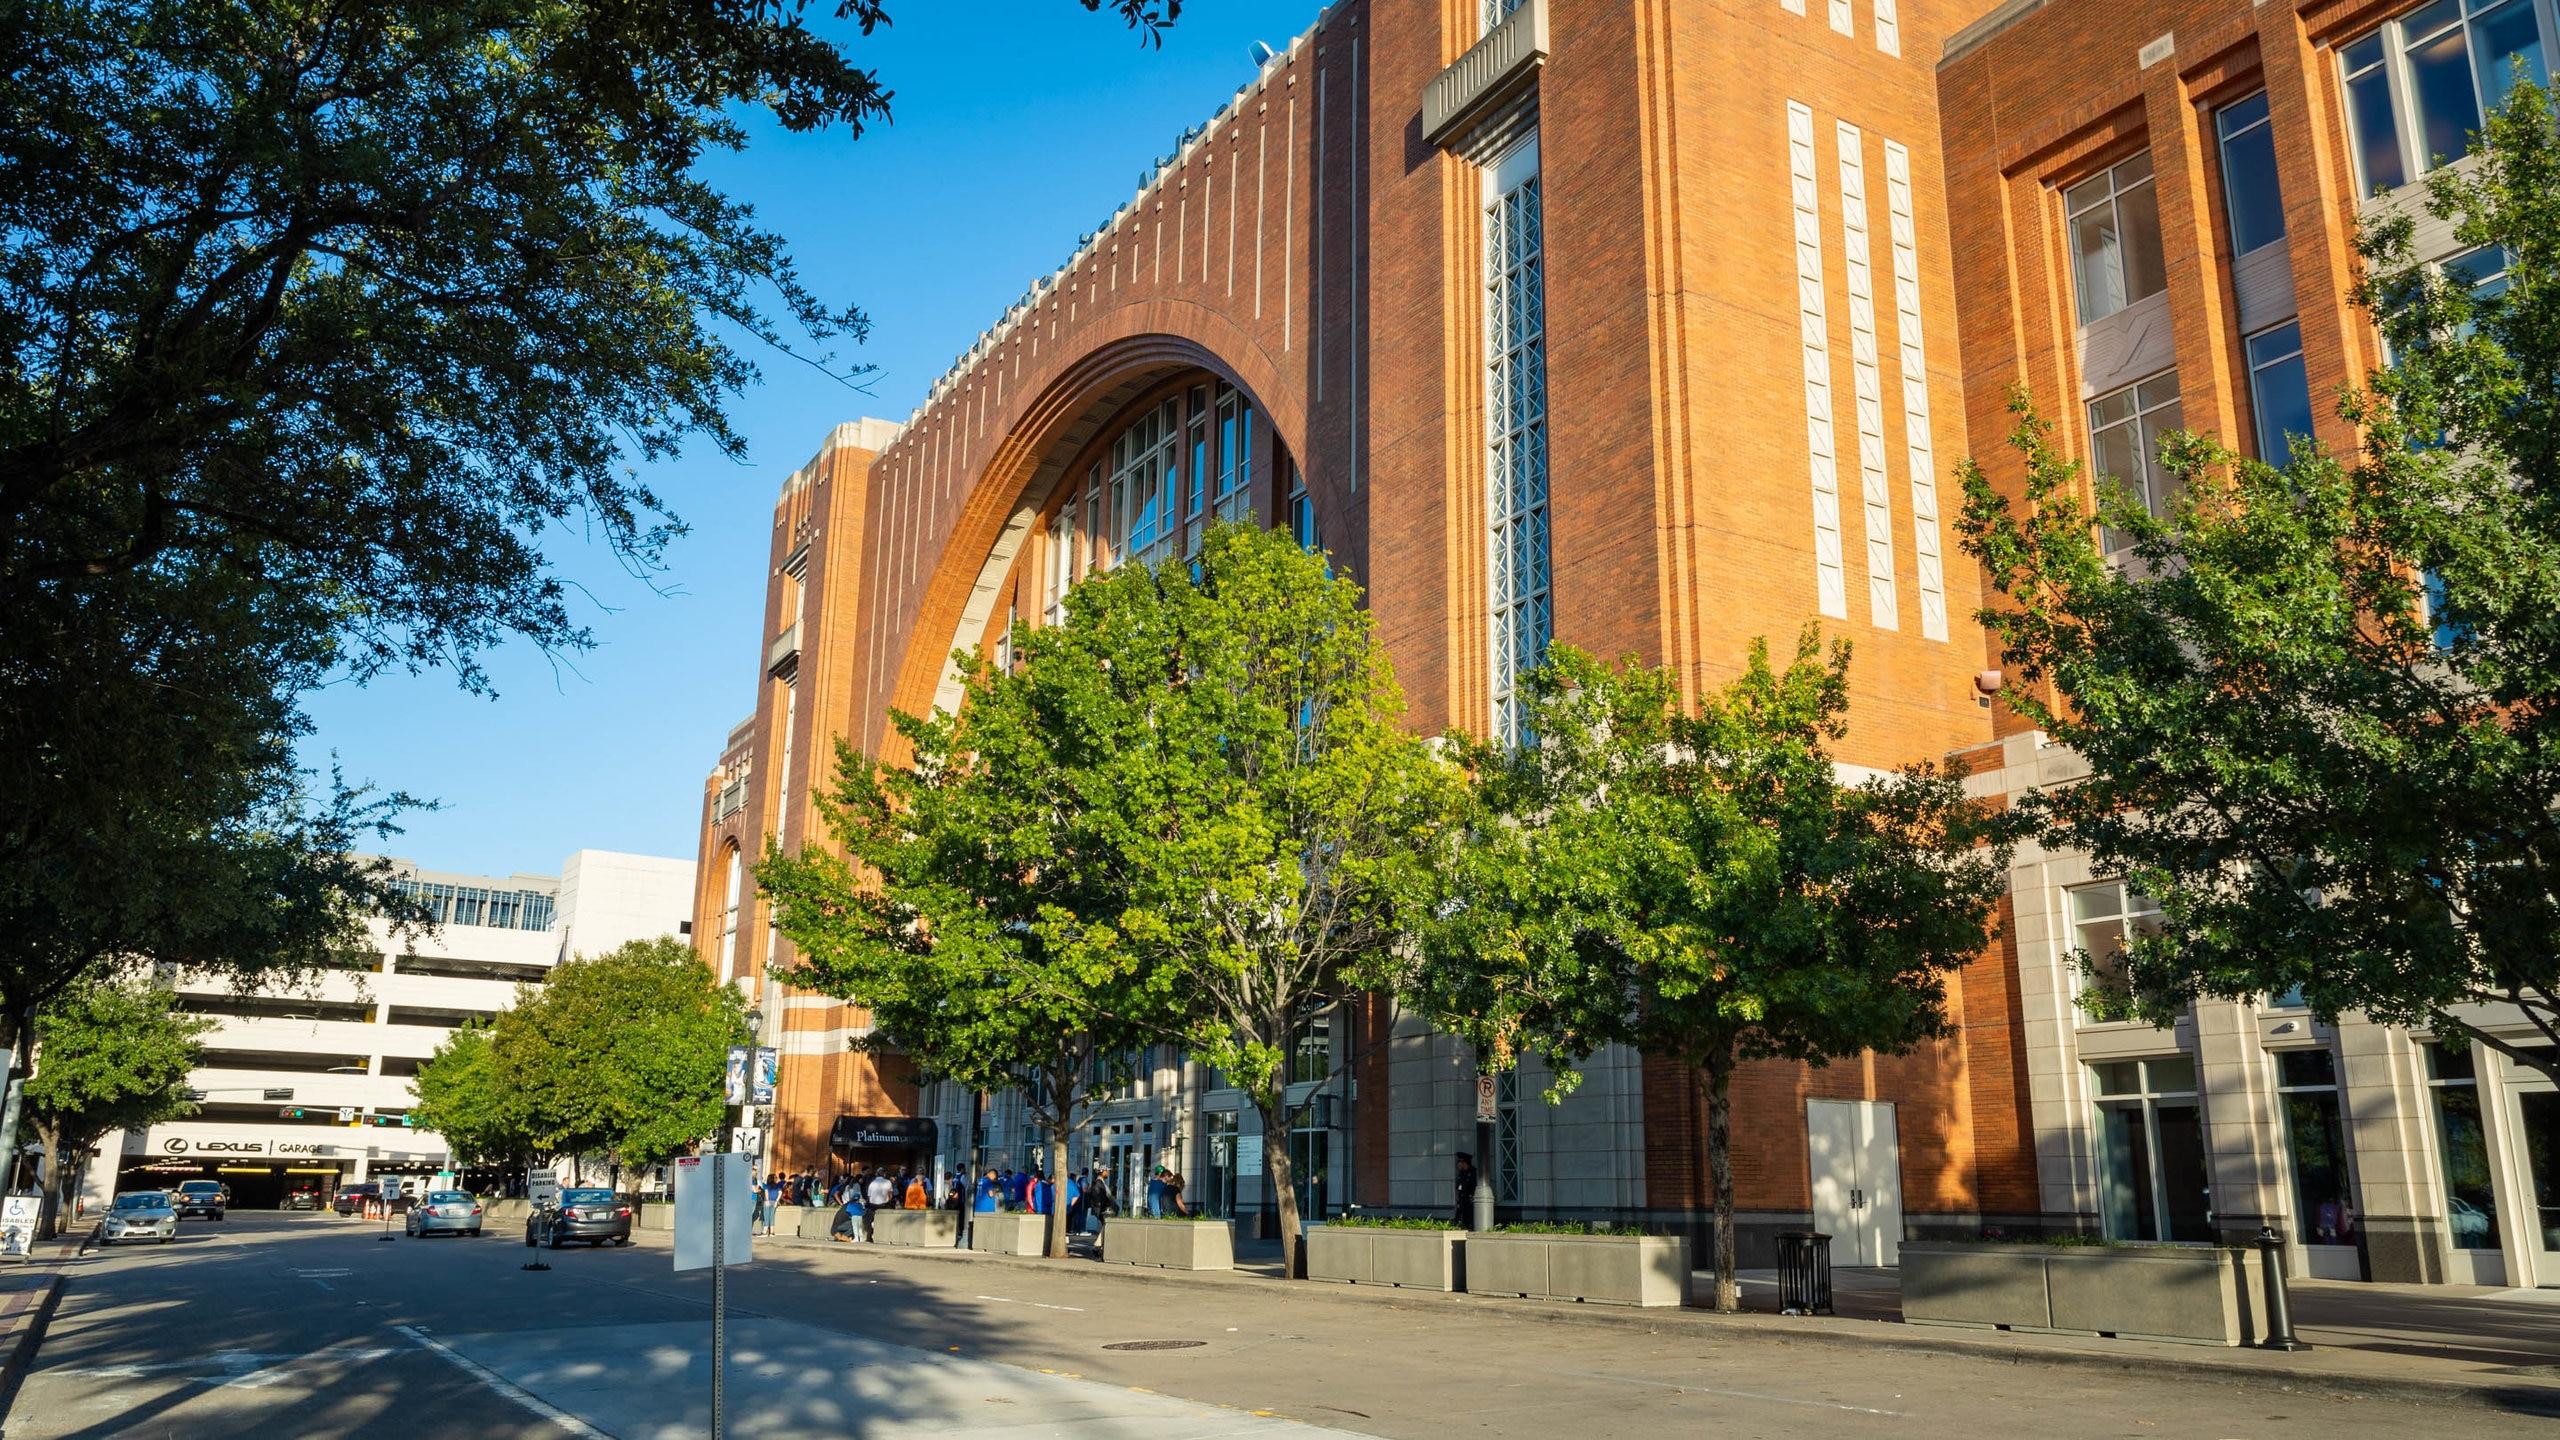 Nutzen Sie während Ihres Urlaubs in Oak Lawn die Chance, um eine Veranstaltung in American Airlines Center hautnah zu erleben. Erleben Sie die Museen und die Theaterszene in dieser lebhaften Gegend.